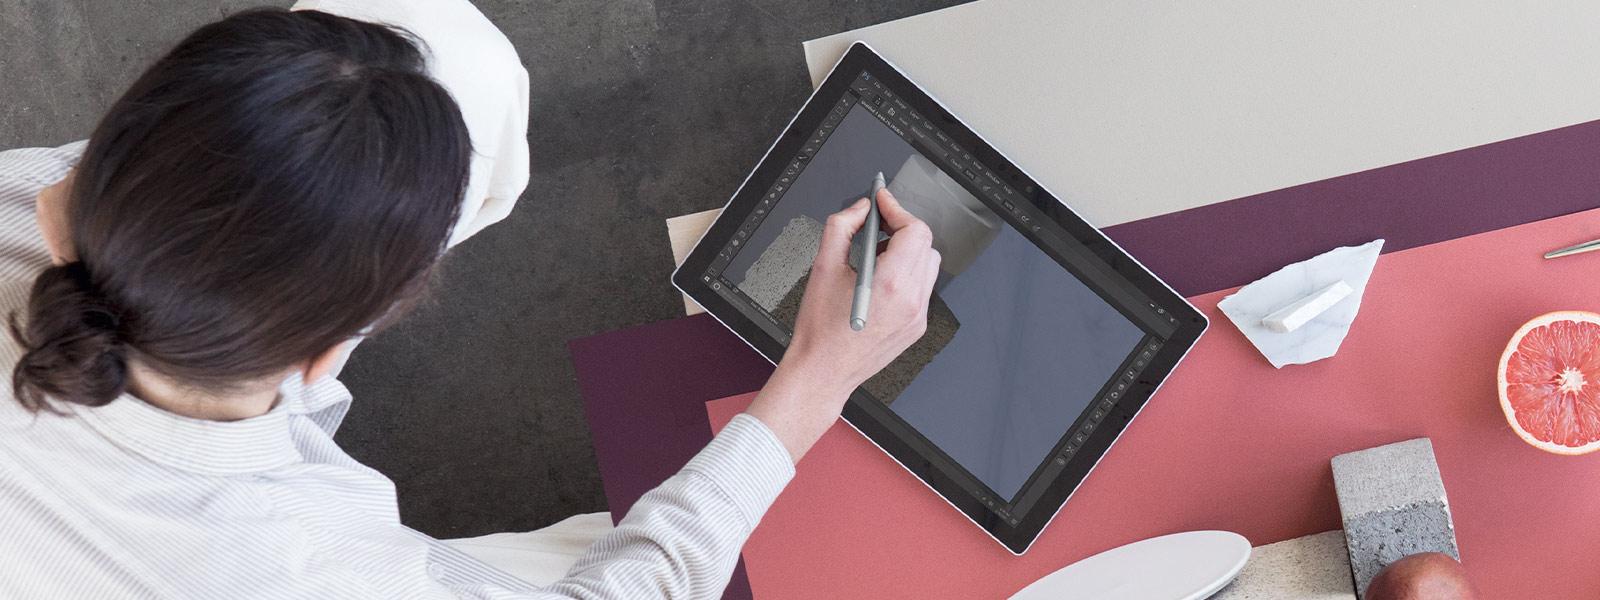 Surface デバイスで Surface Pen を使っている人